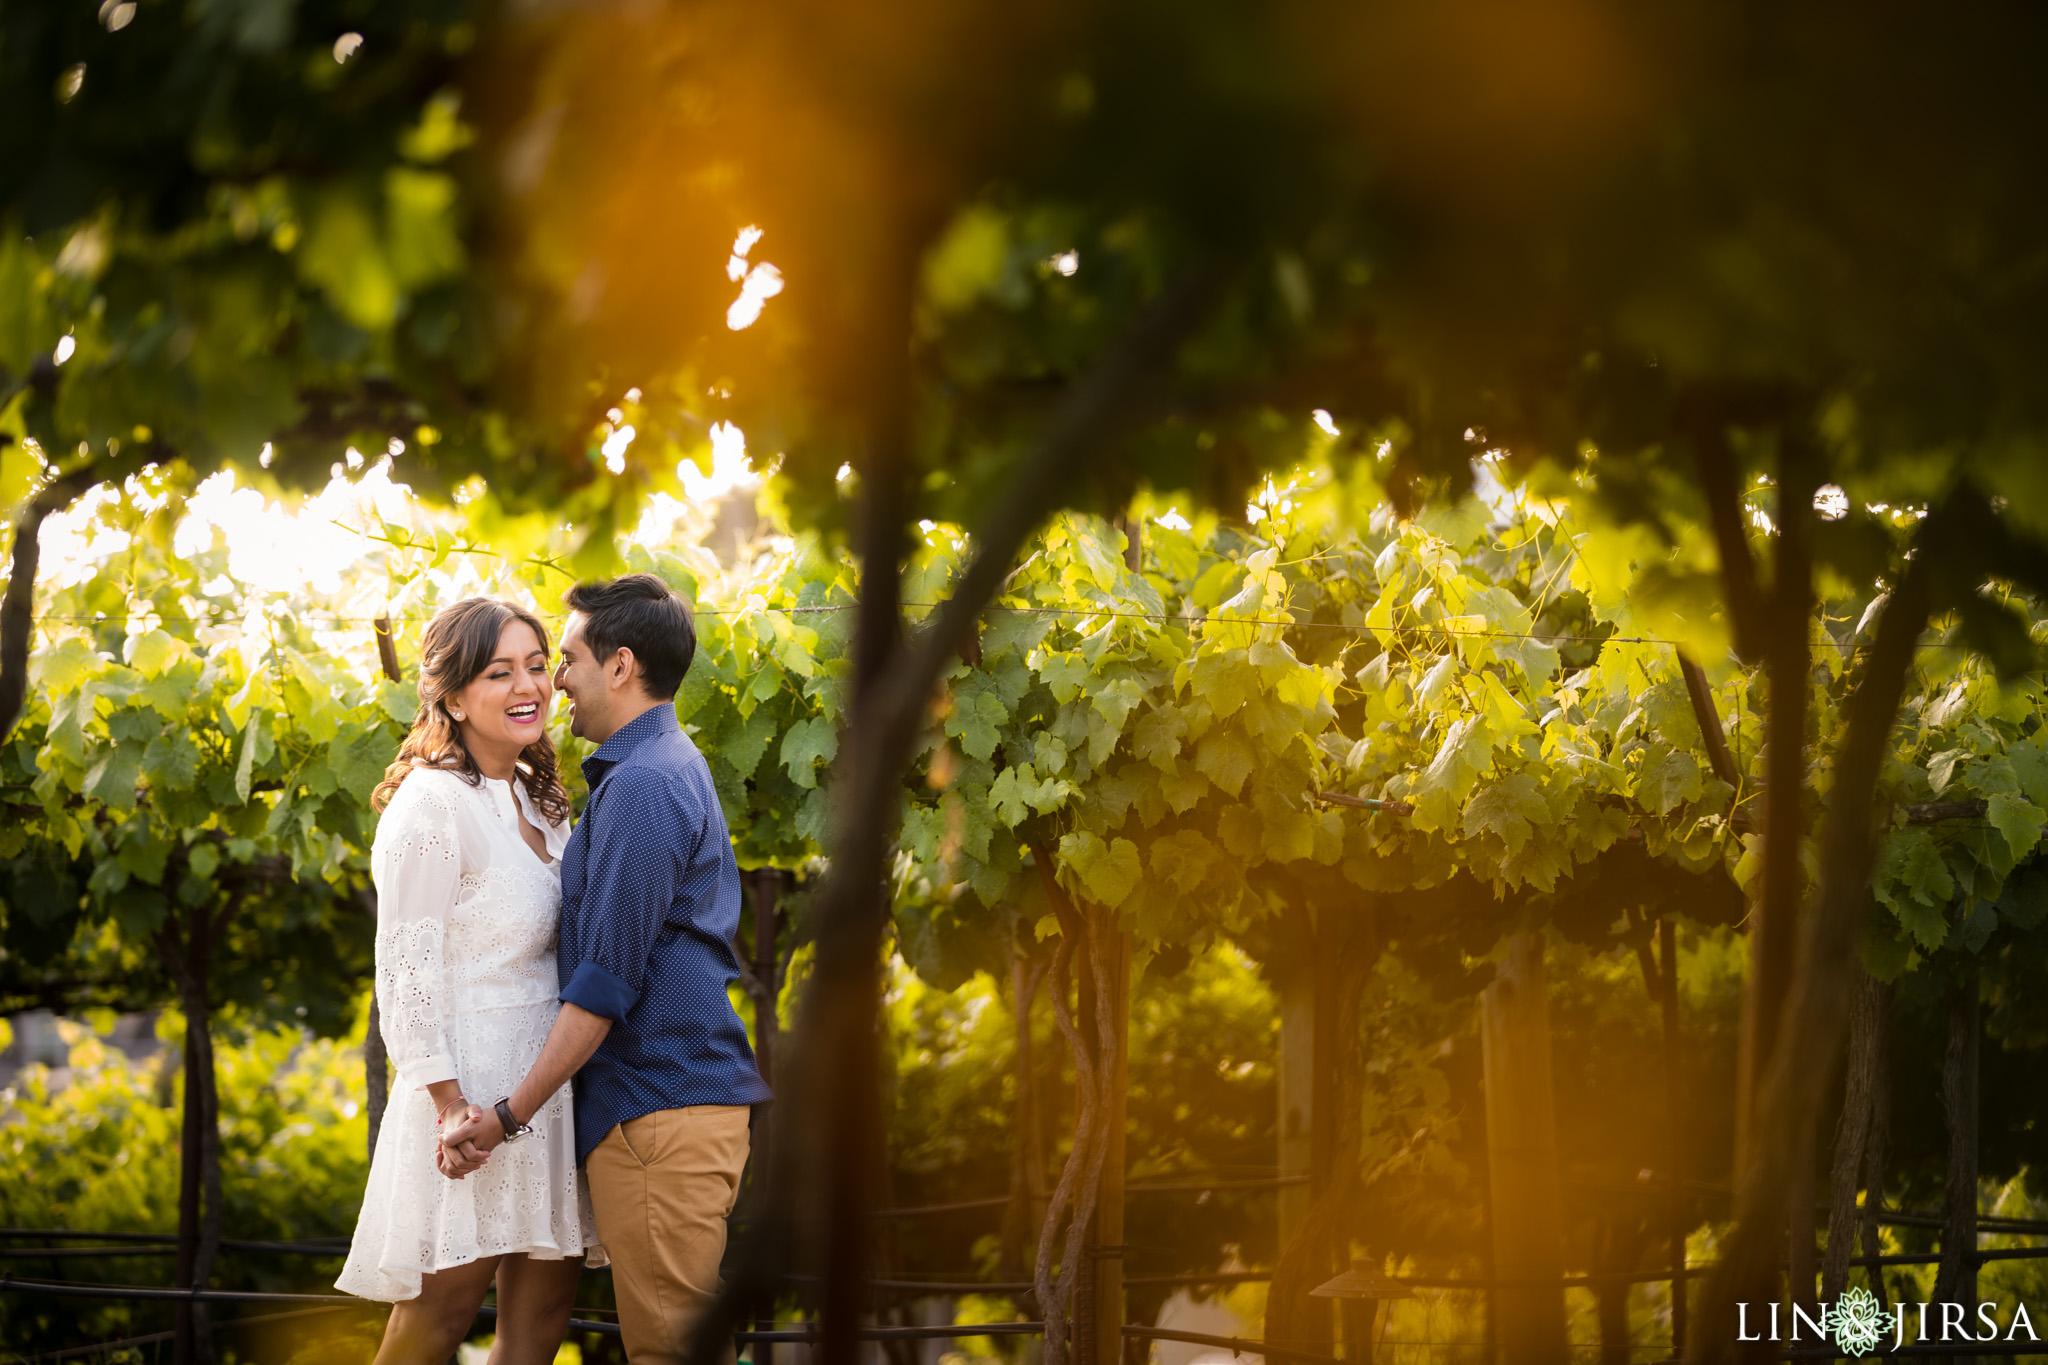 Newport Beach Winery And Vineyards